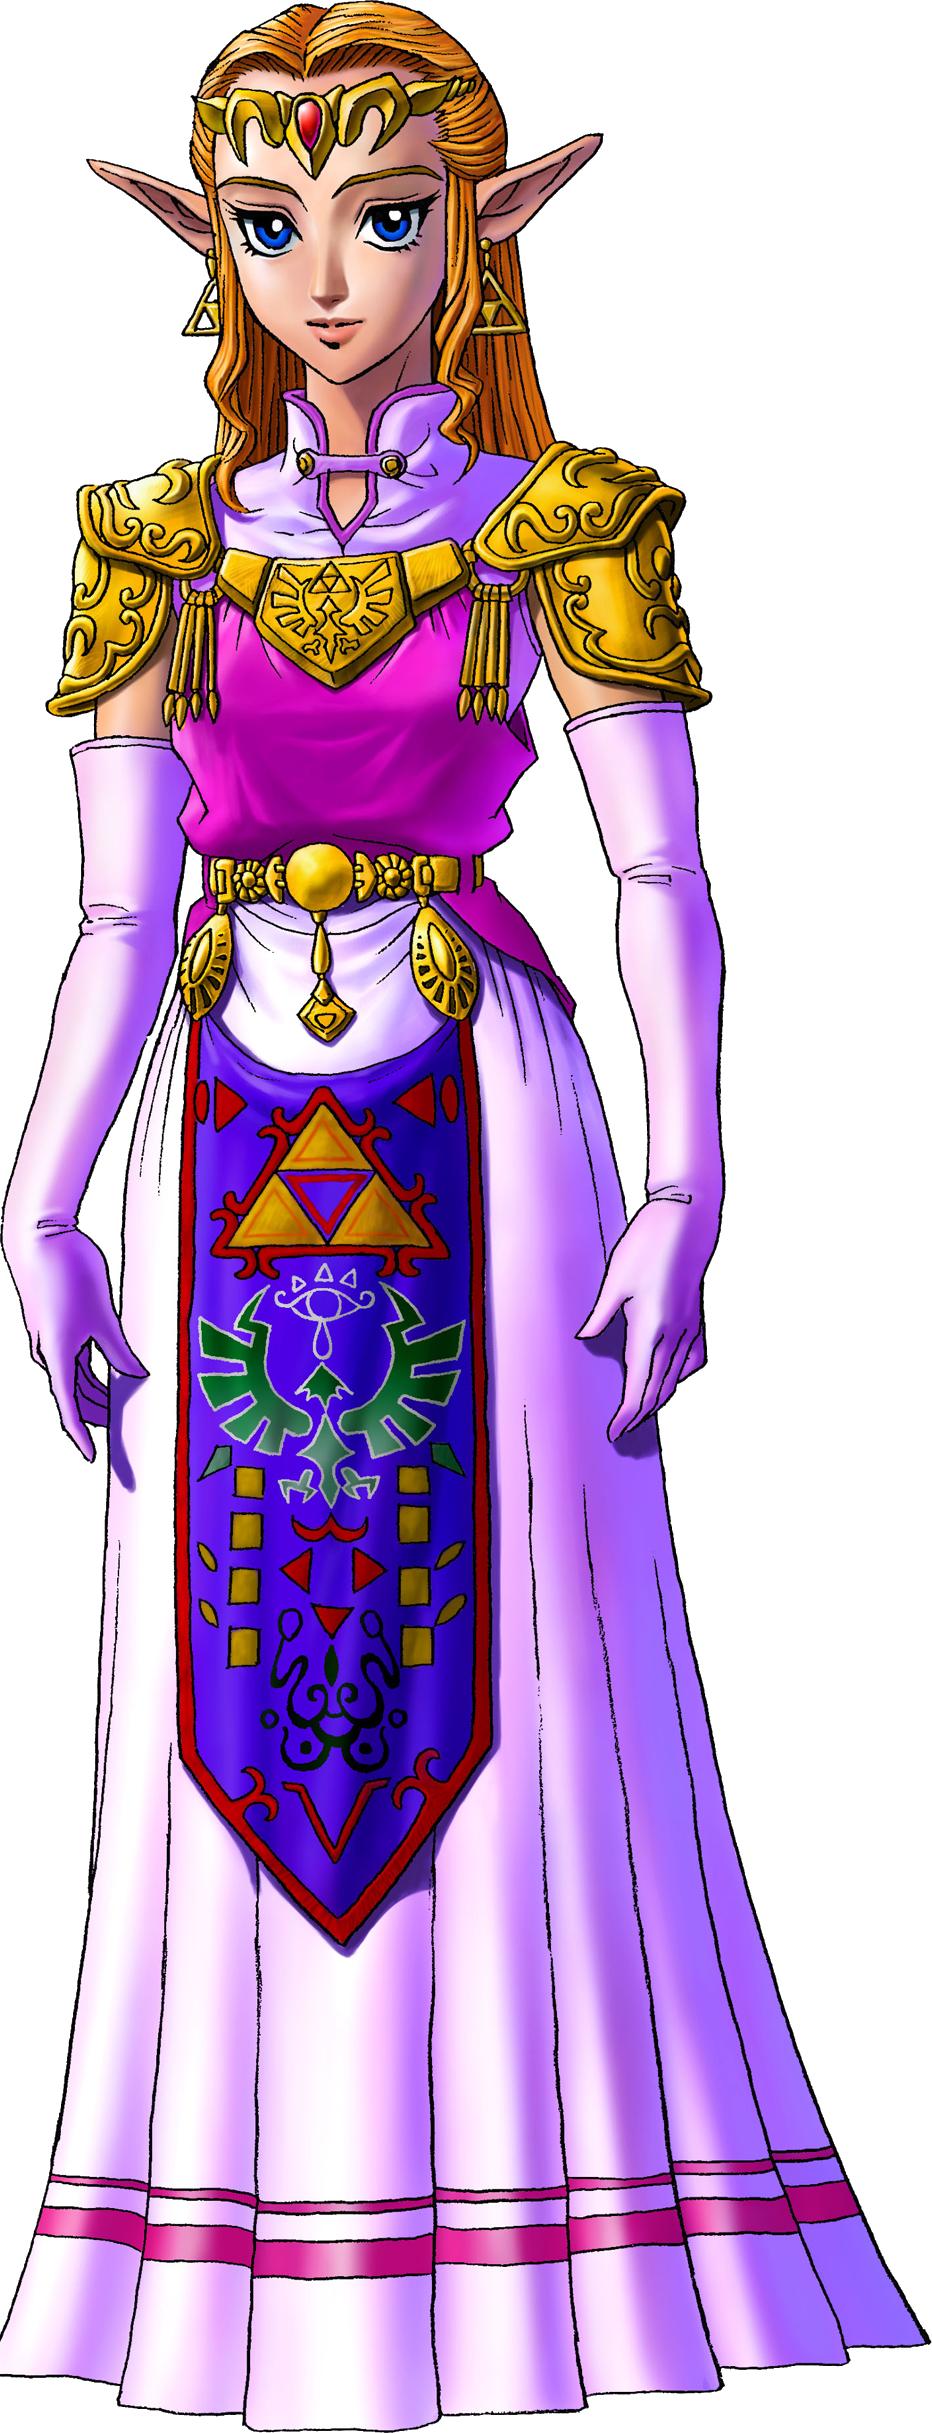 Adult Princess Zelda (Ocarina of Time) Young Magazine (Yangu Magajin) is a Japanese manga magazine published weekly ...